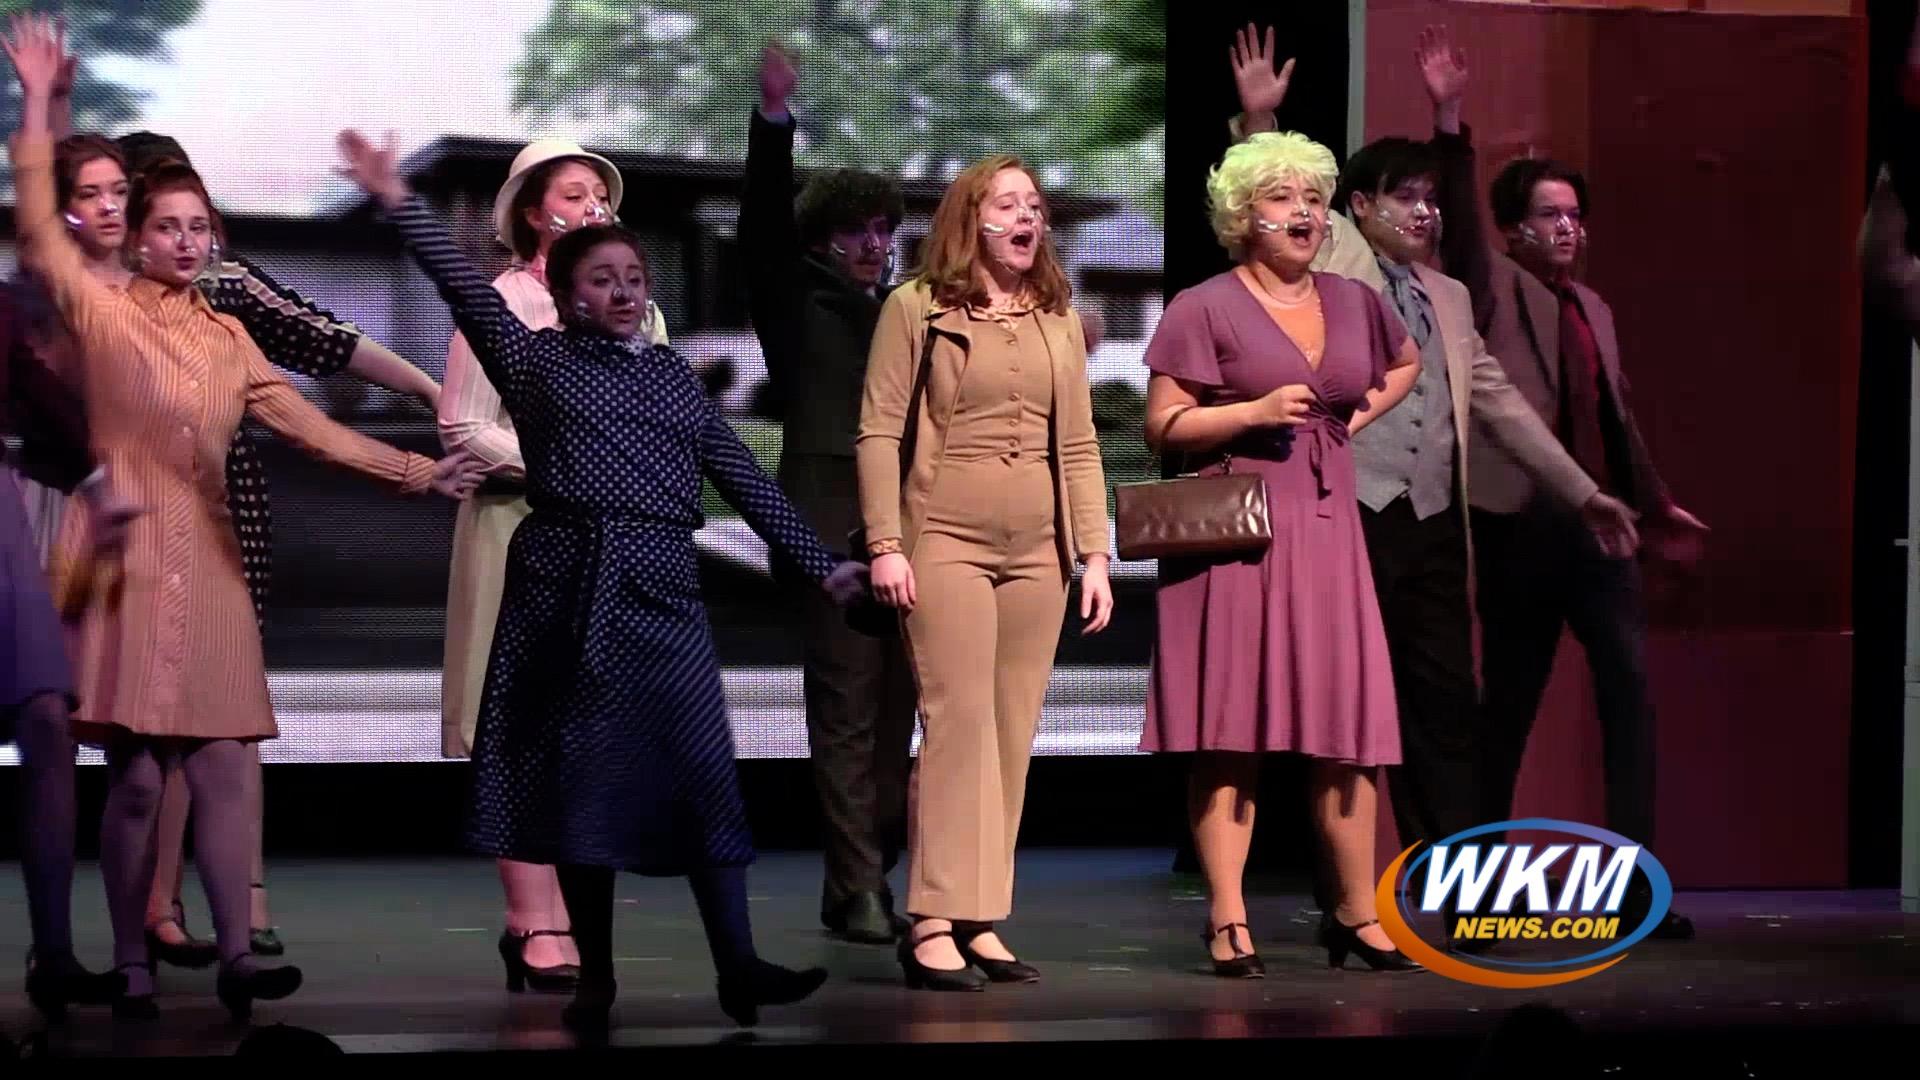 Madison Theatre Presents: 9 to 5!